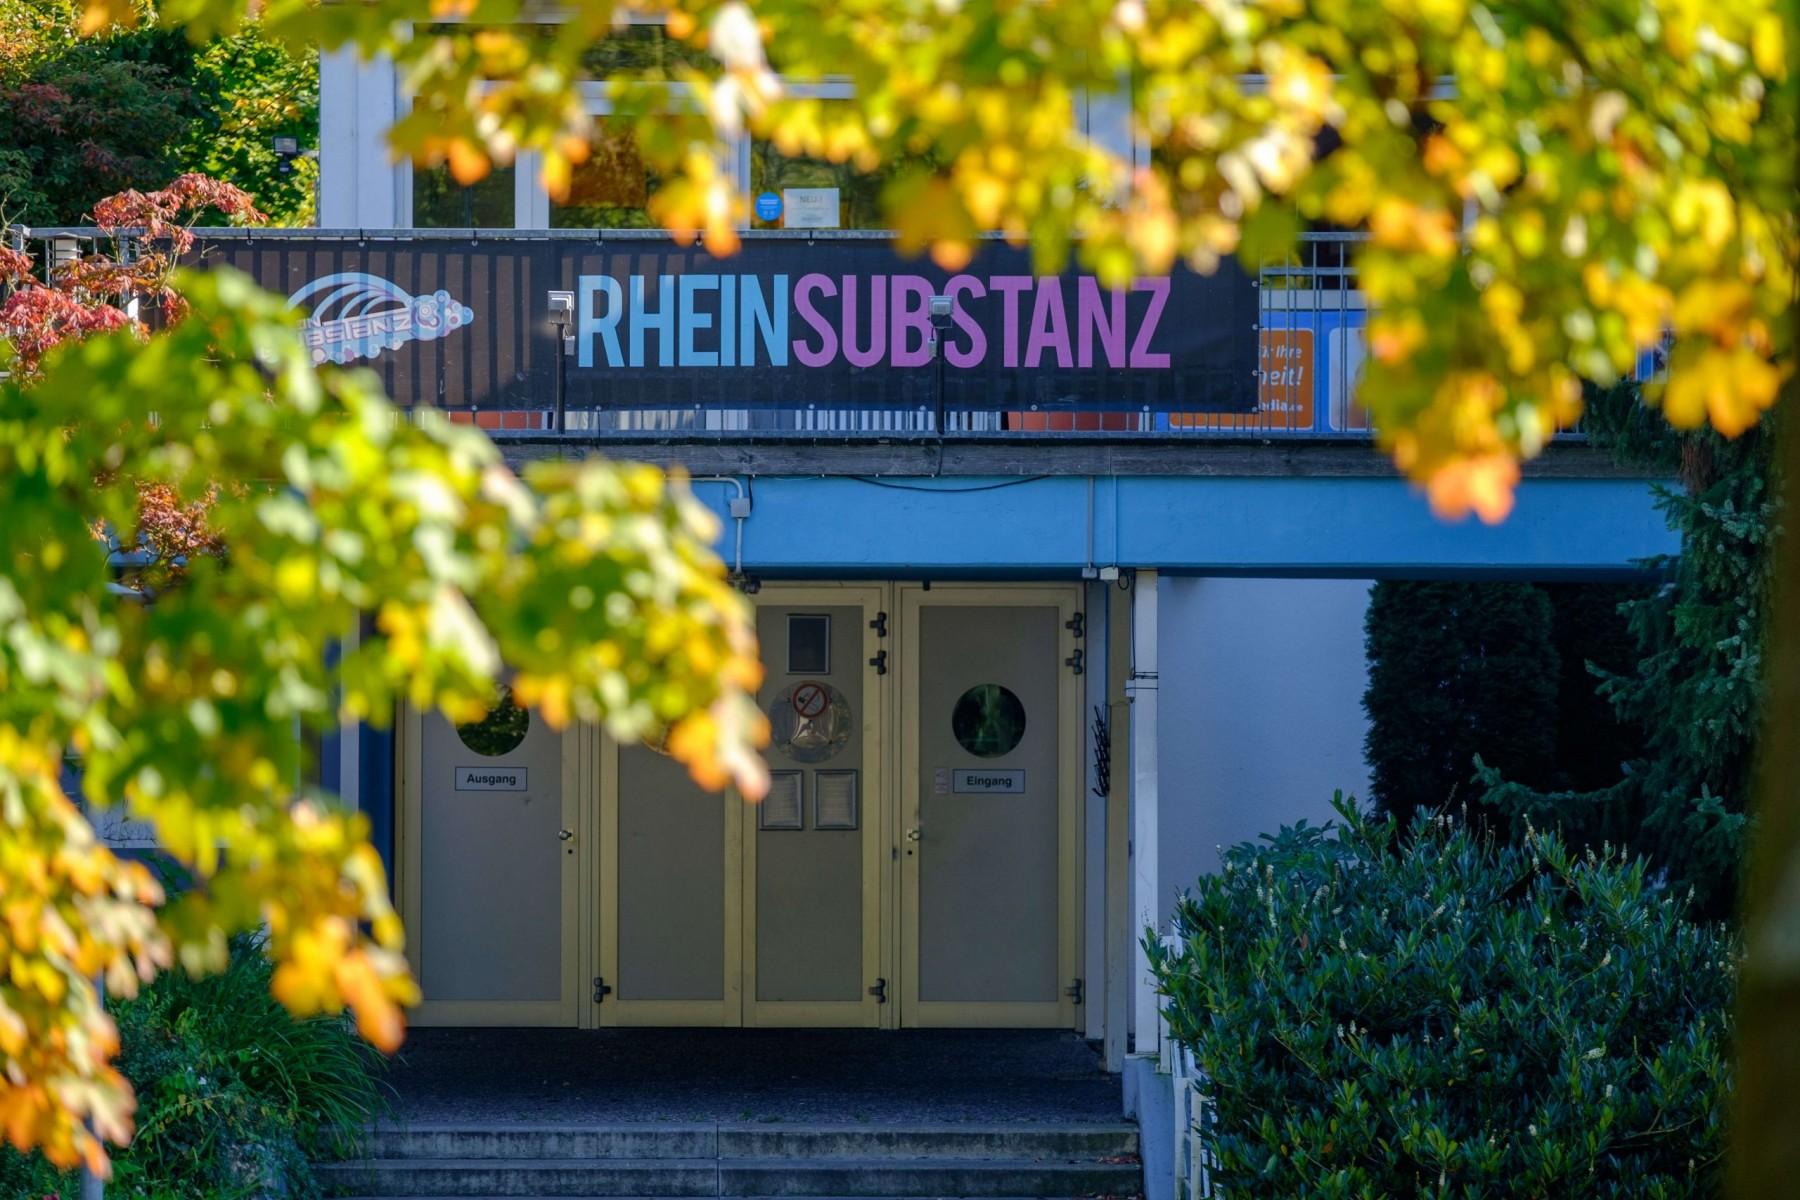 Das Thema Rheinsubstanz Bad Honnef Foto: Frank Homann